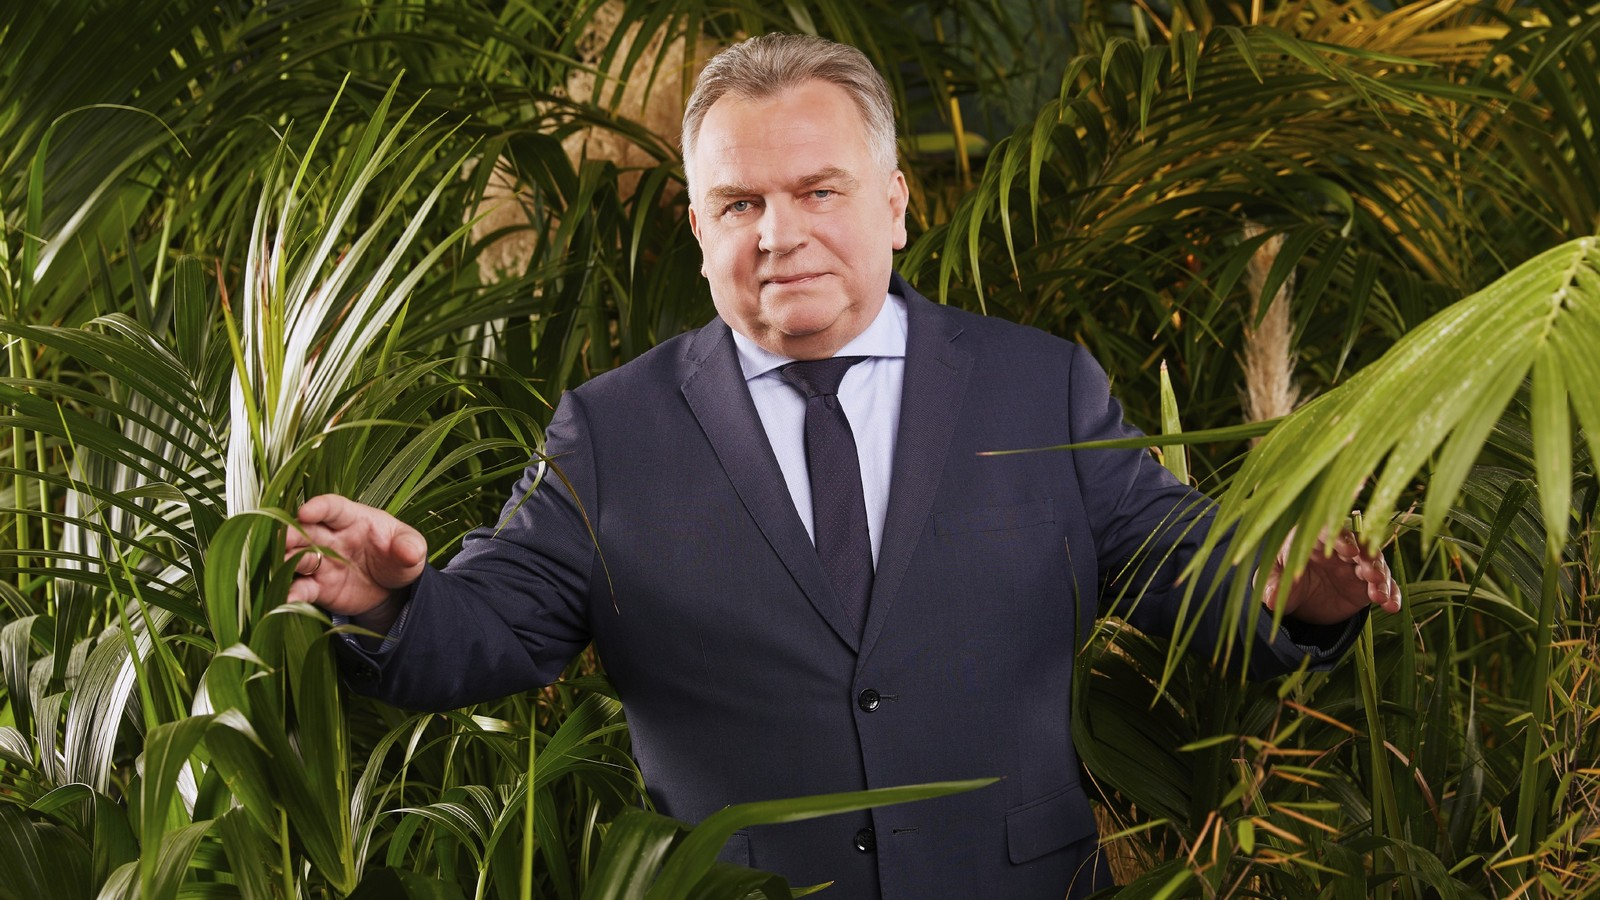 Dschungelcamp-Kandidat Günther Krause